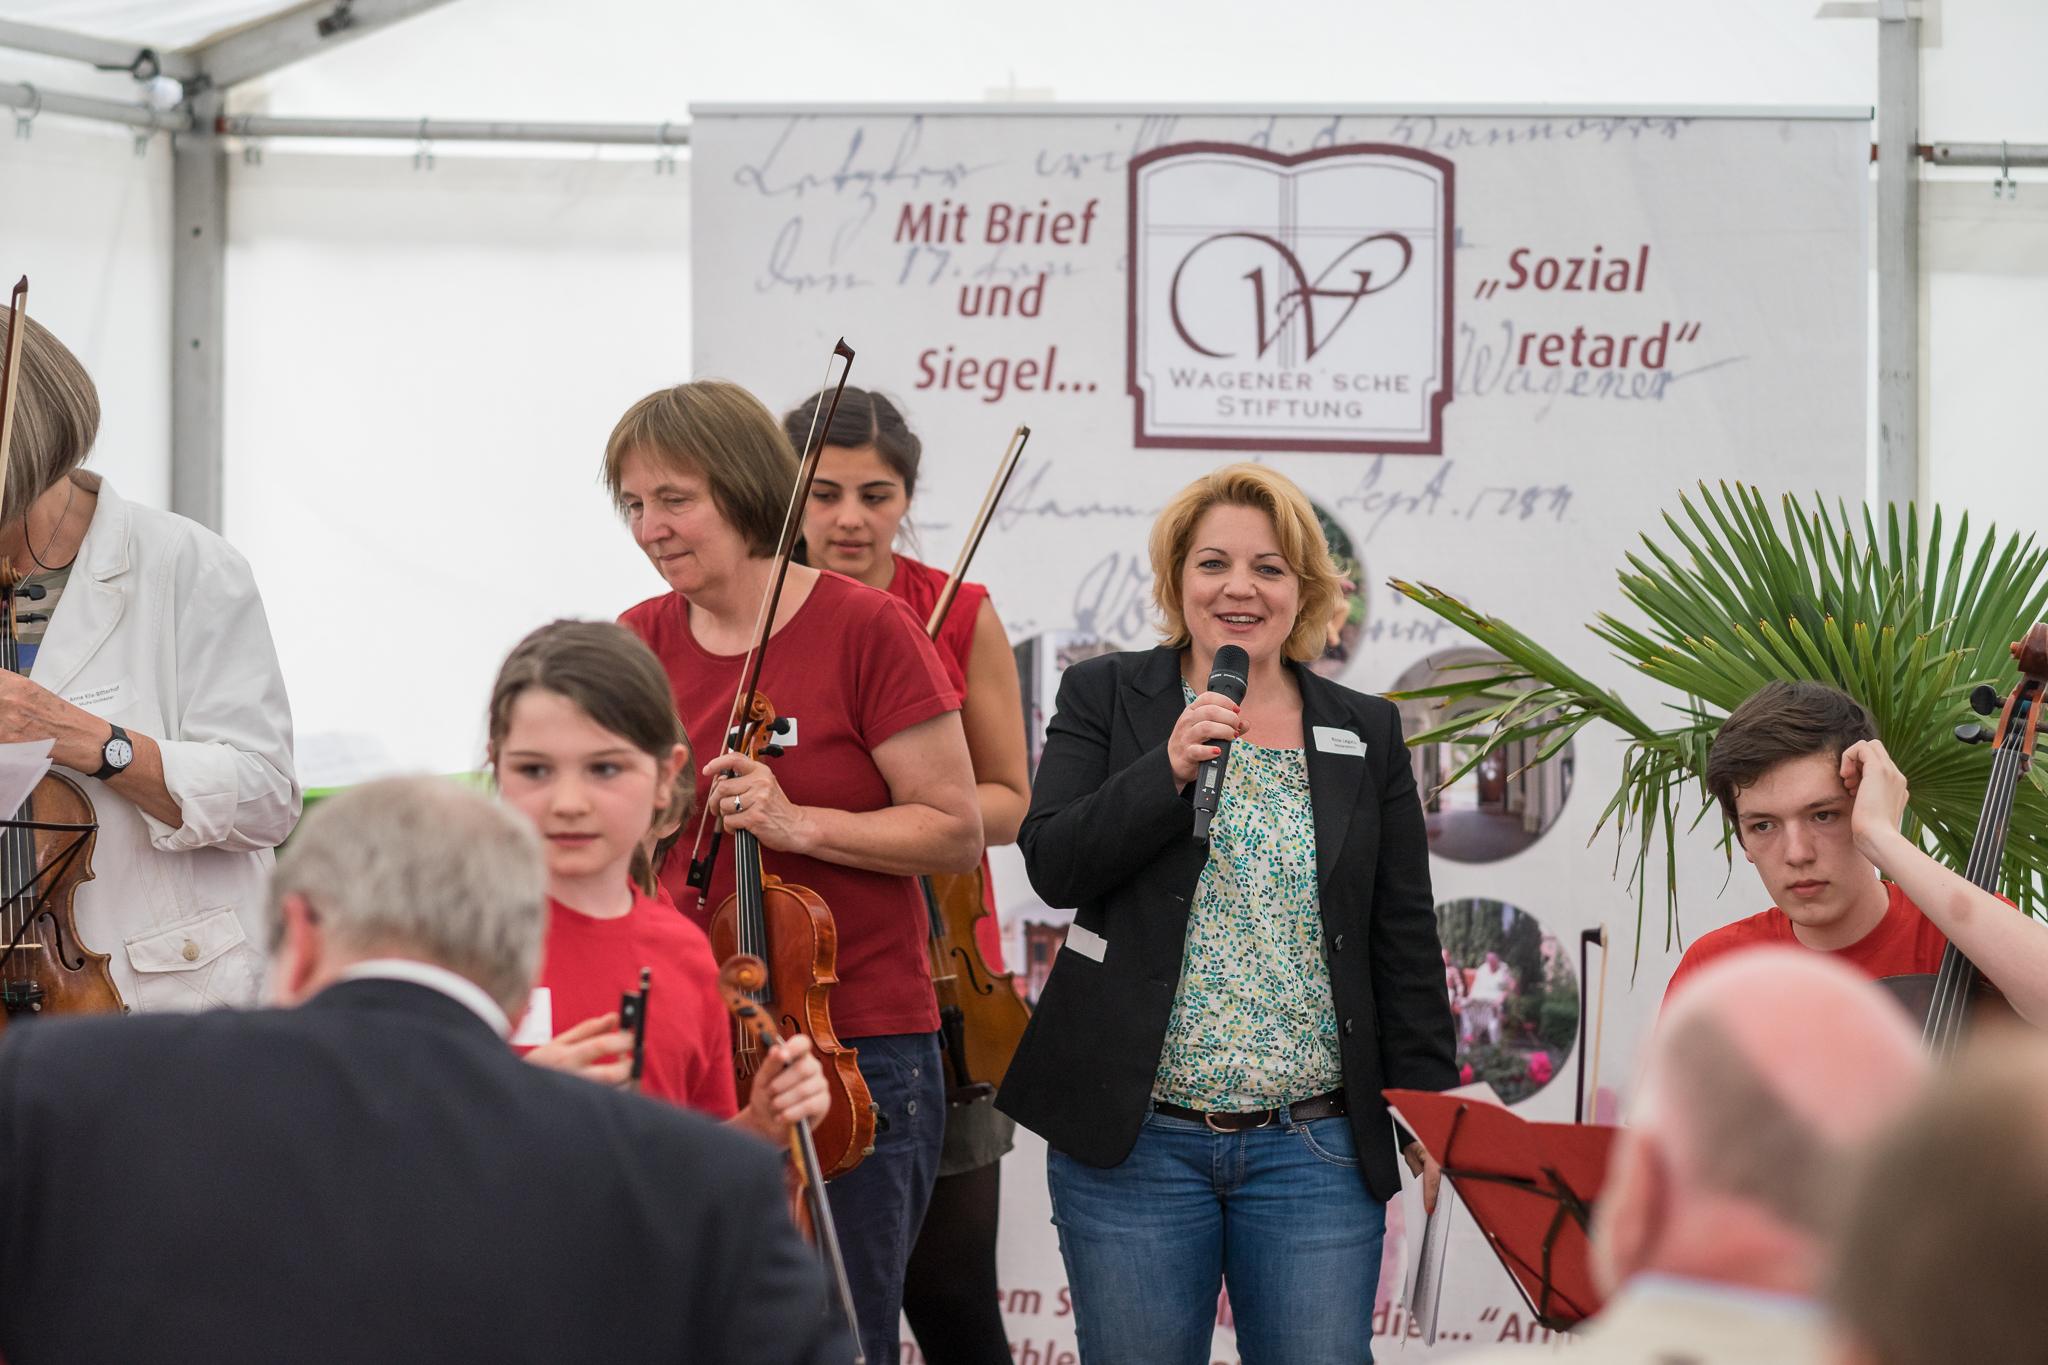 Die Moderatorin Rosa Legatis, bekannt von ihrer früheren Wirkunsgstätte, dem NDR, eröffnet launig und sachkundig die Veranstaltung.